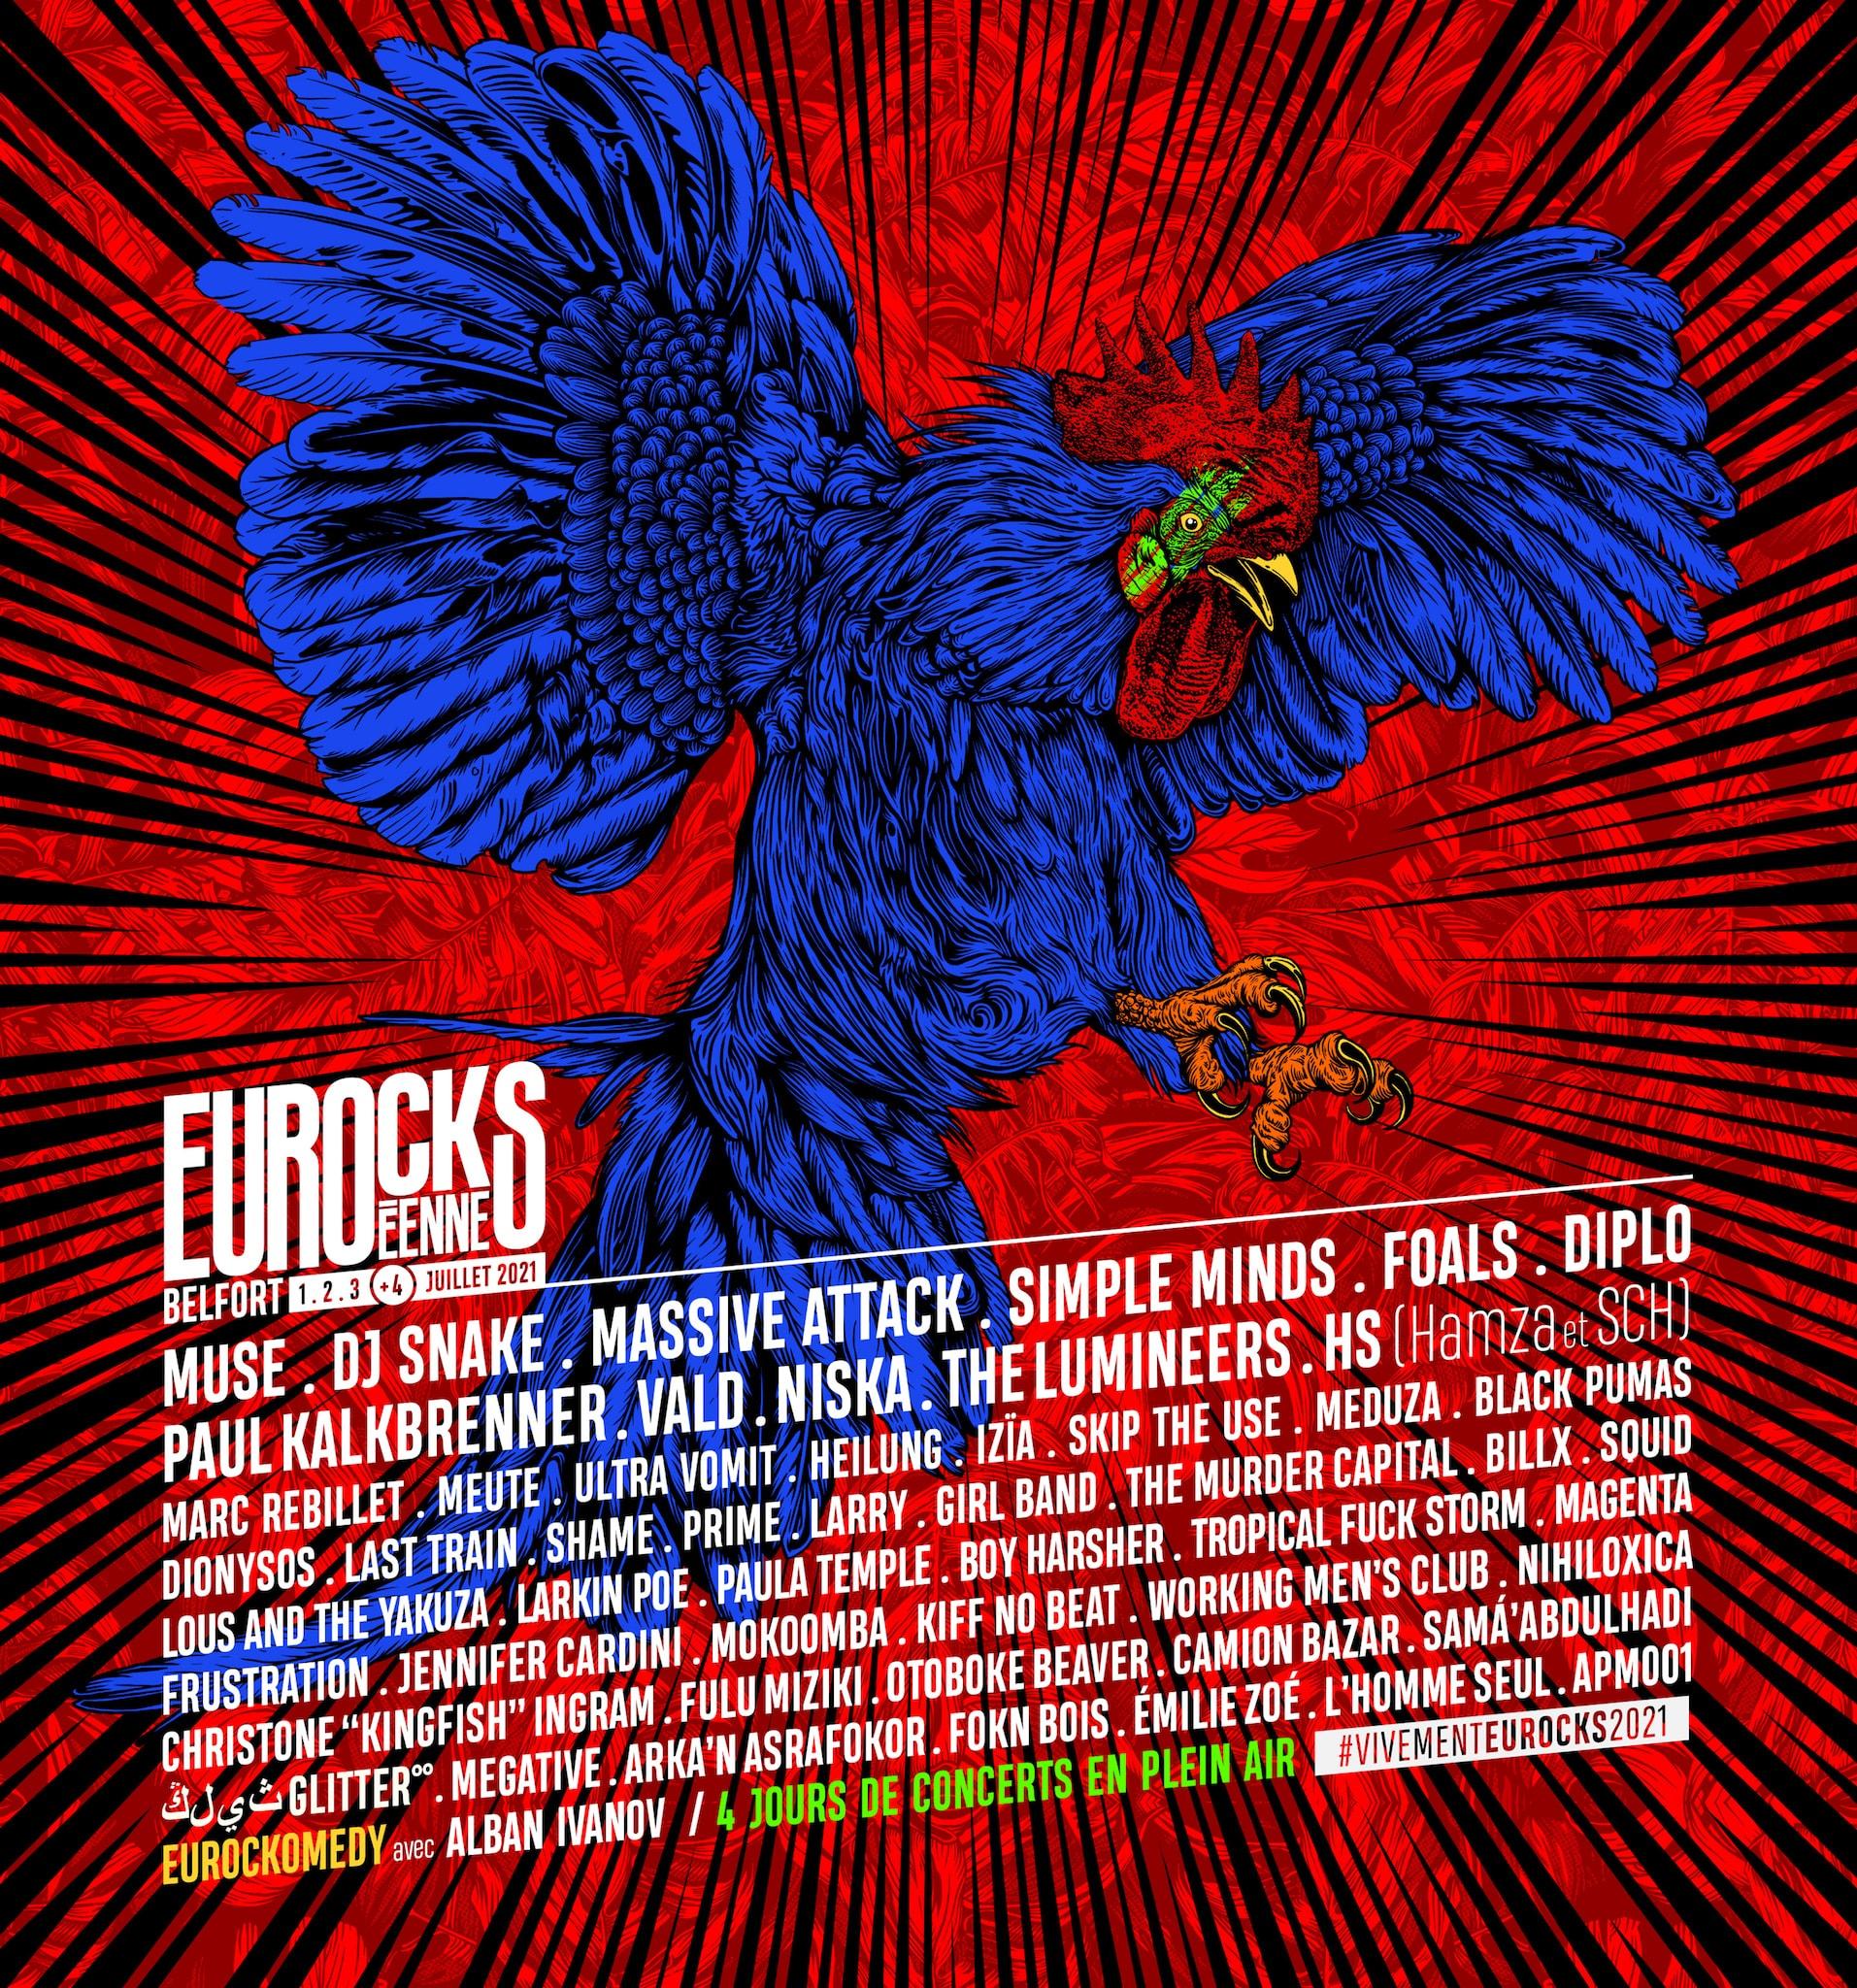 Les Eurockéennes de Belfort 2021 affiche festival musique